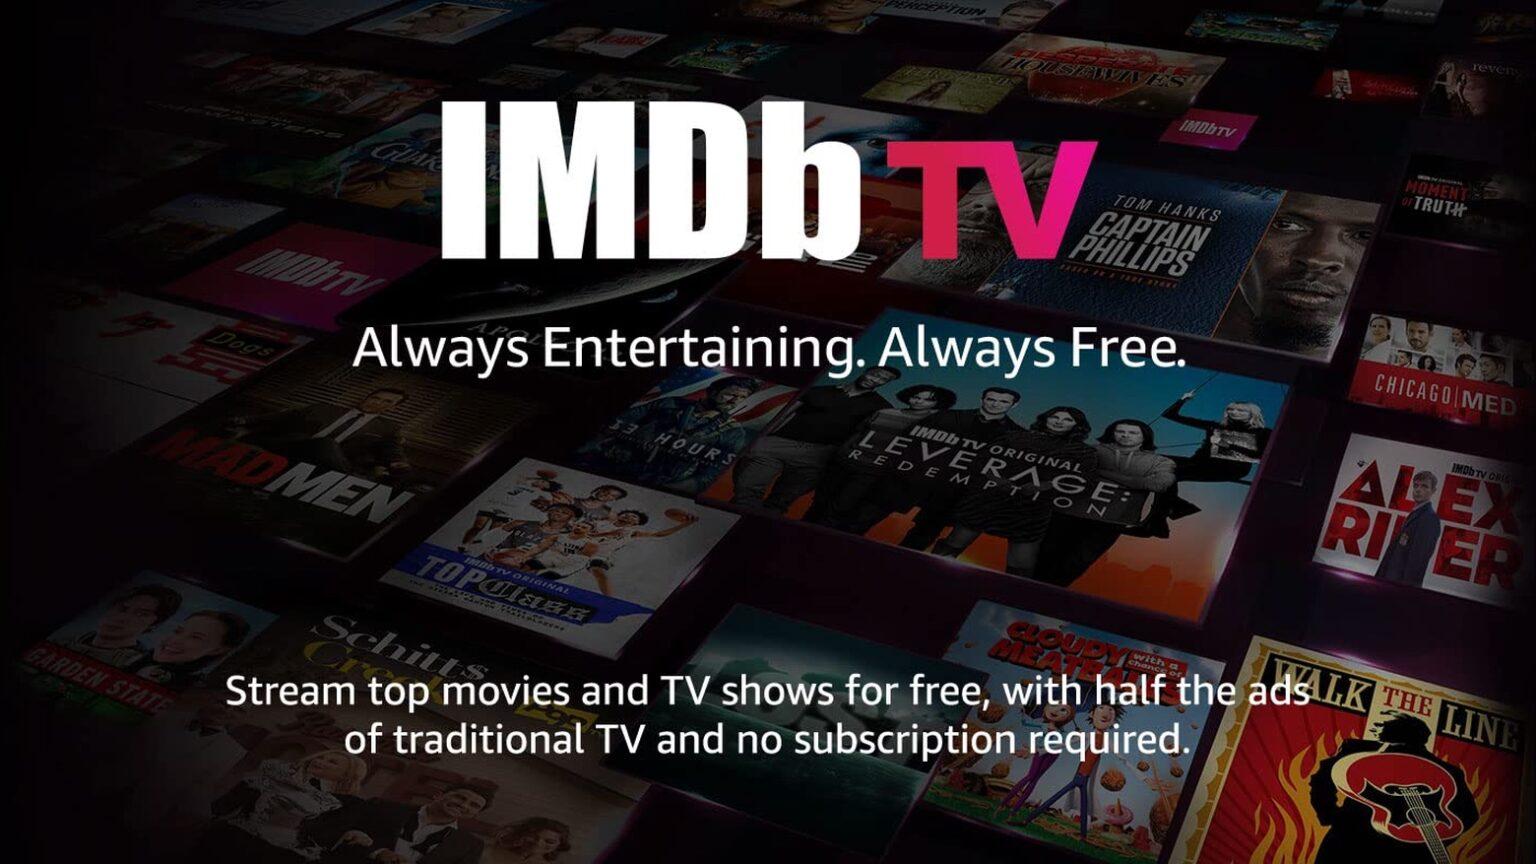 El servicio gratuito de IMDb TV trae películas y programas clásicos a iPhone, iPad